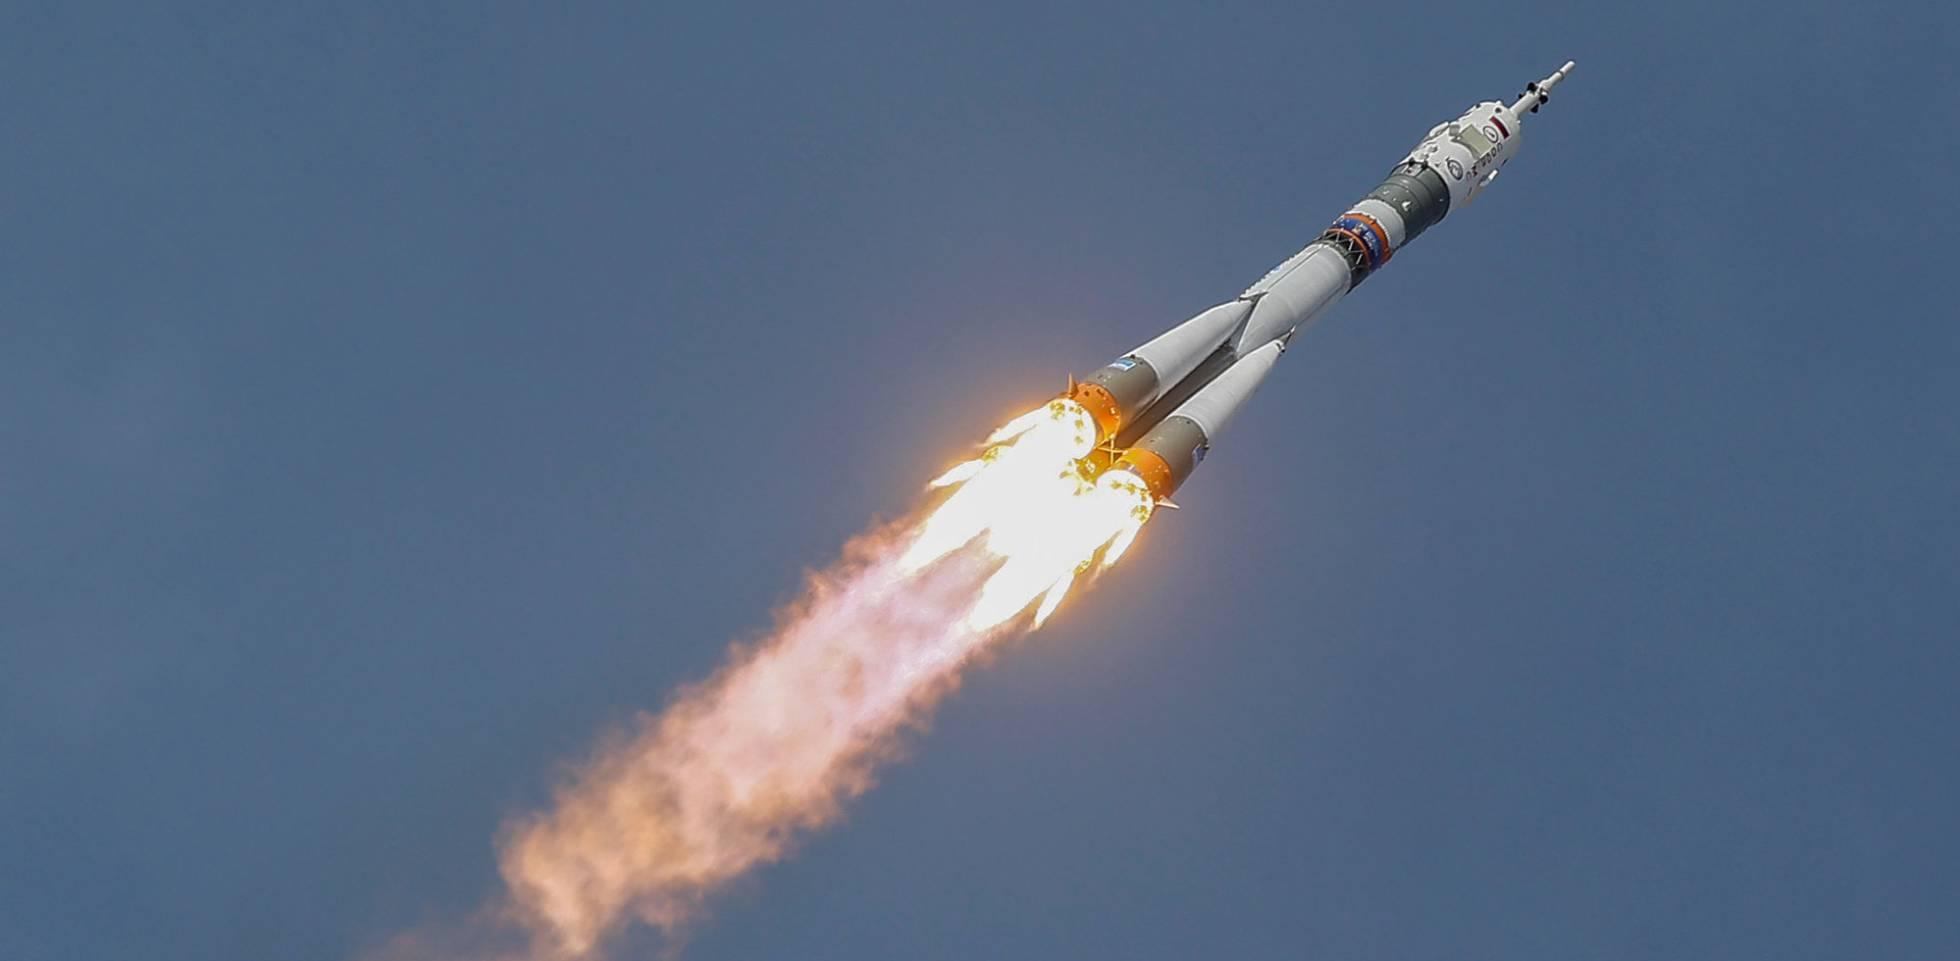 Conoce a la nave espacial Soyuz, el principal rival del Crew Dragon